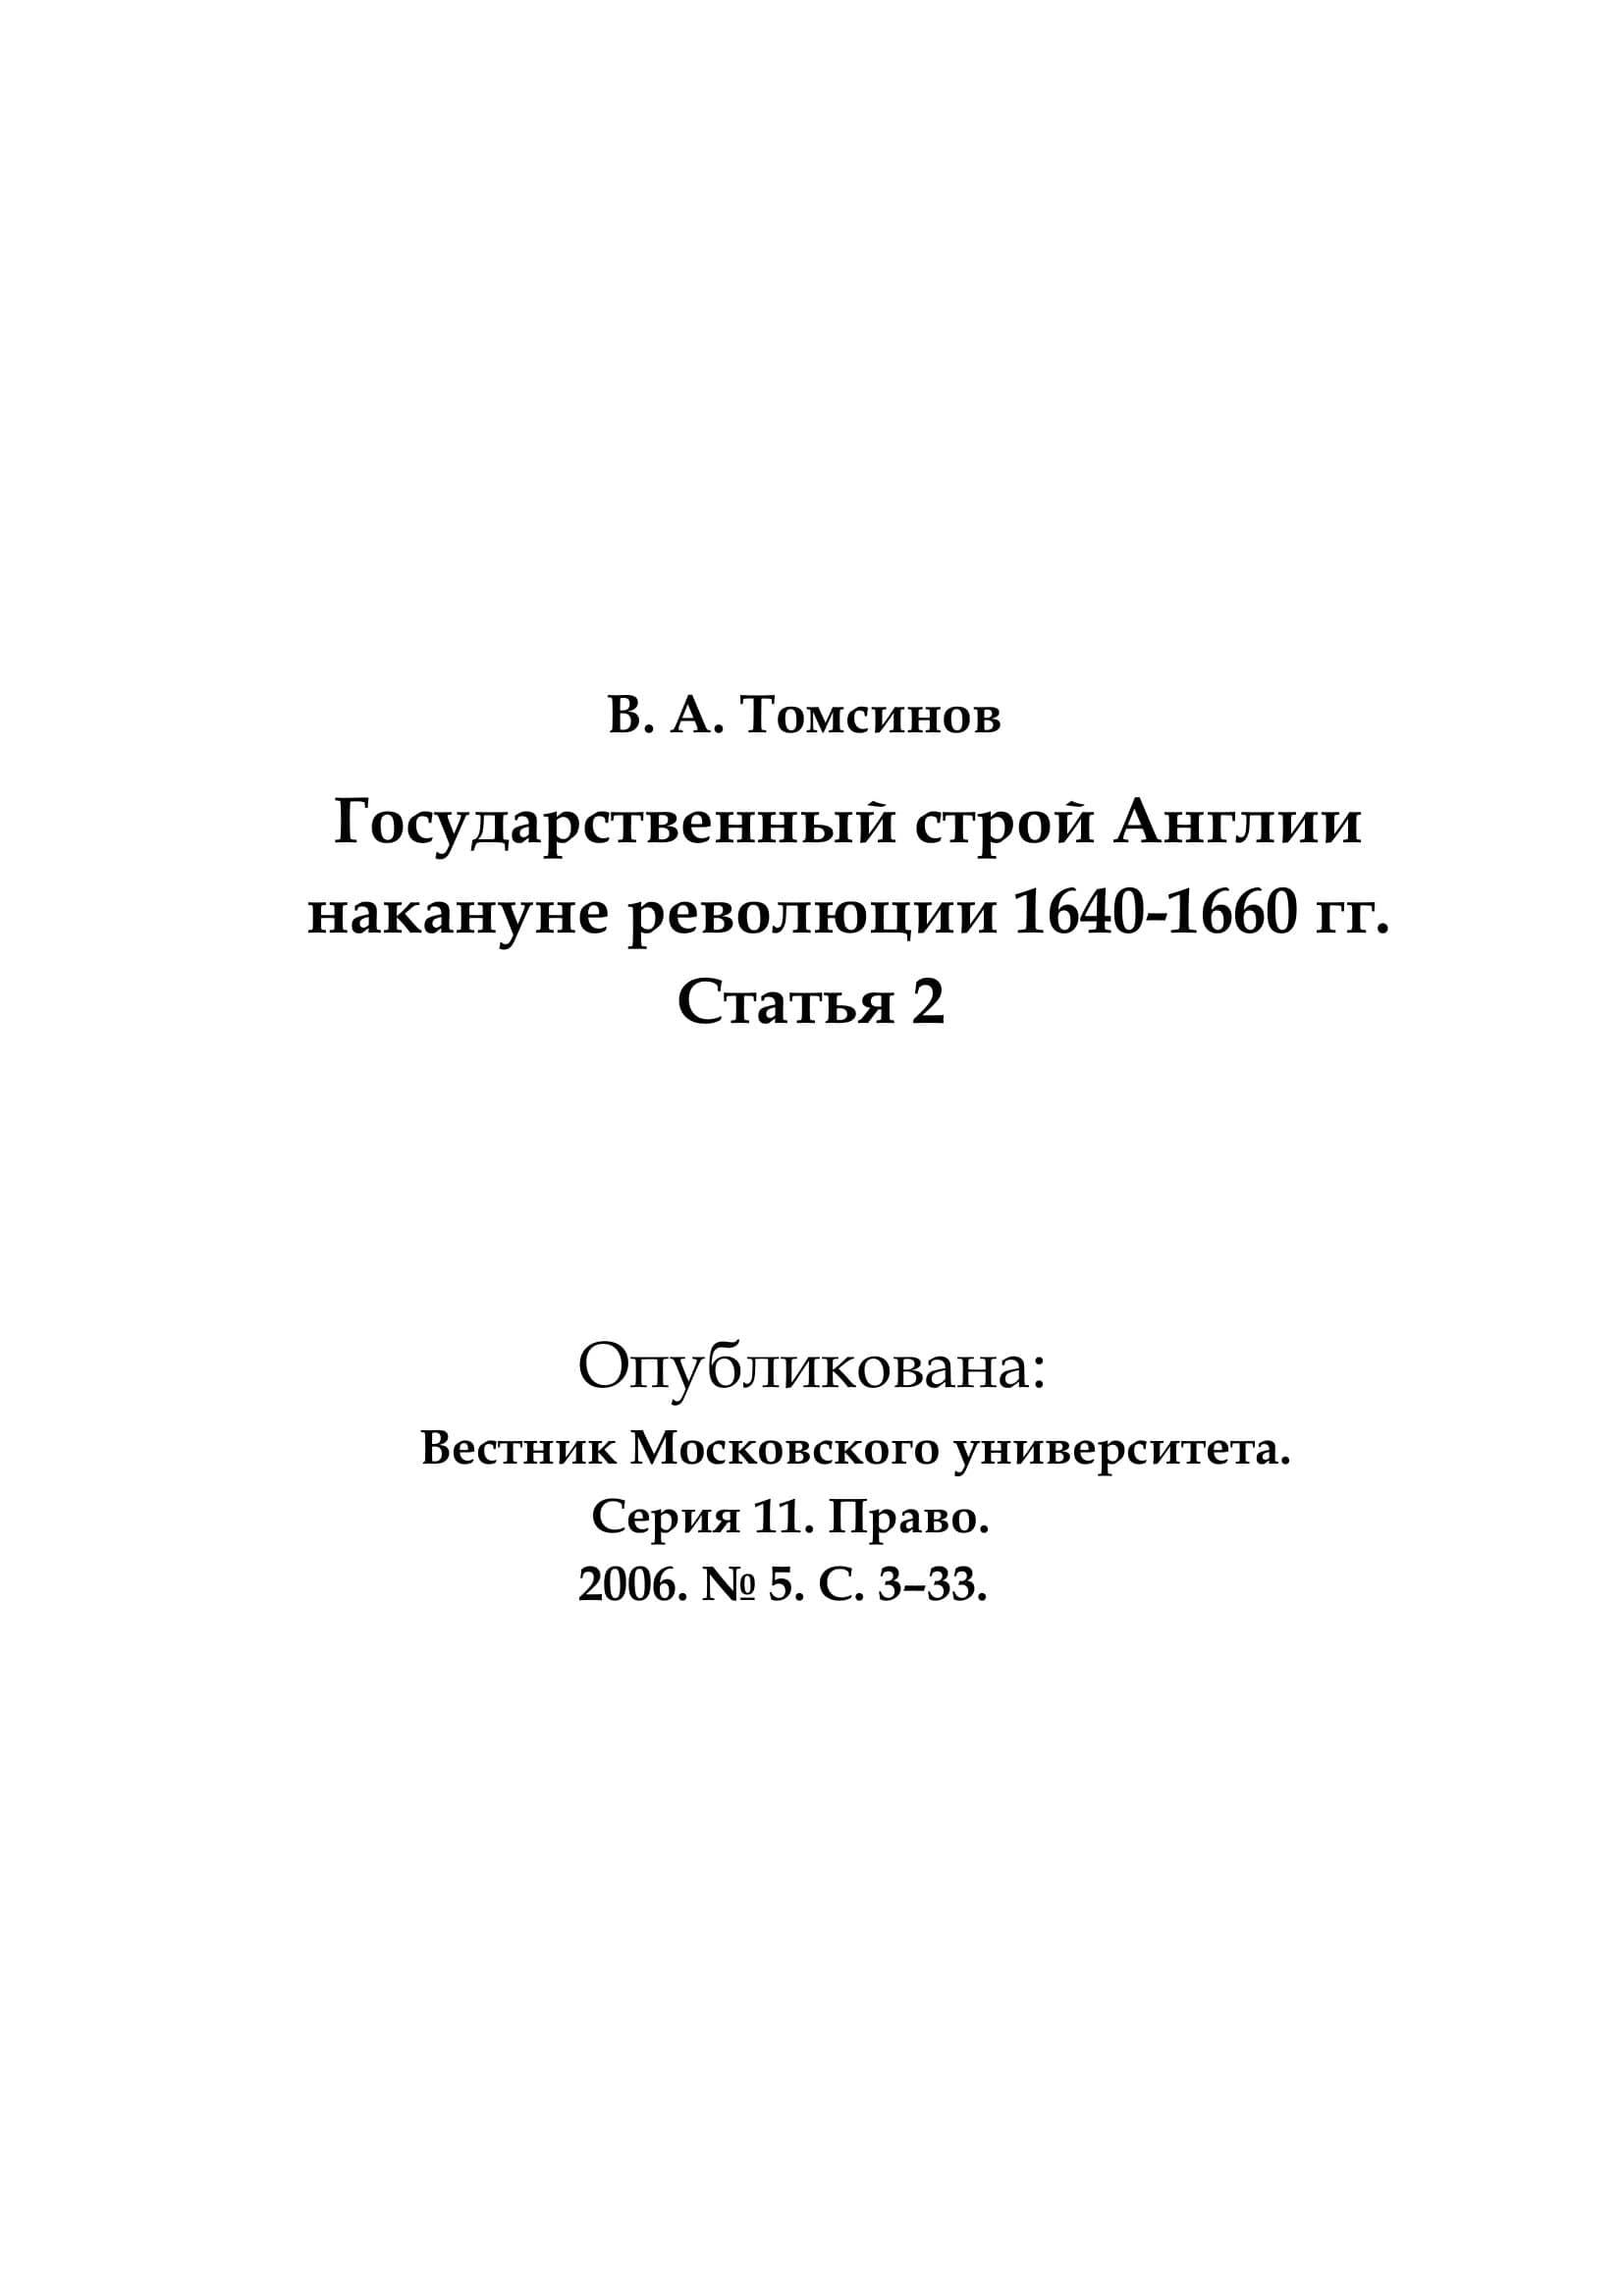 Томсинов В.А. Государственный строй Англии накануне революции 1640-1660 гг. Статья 2